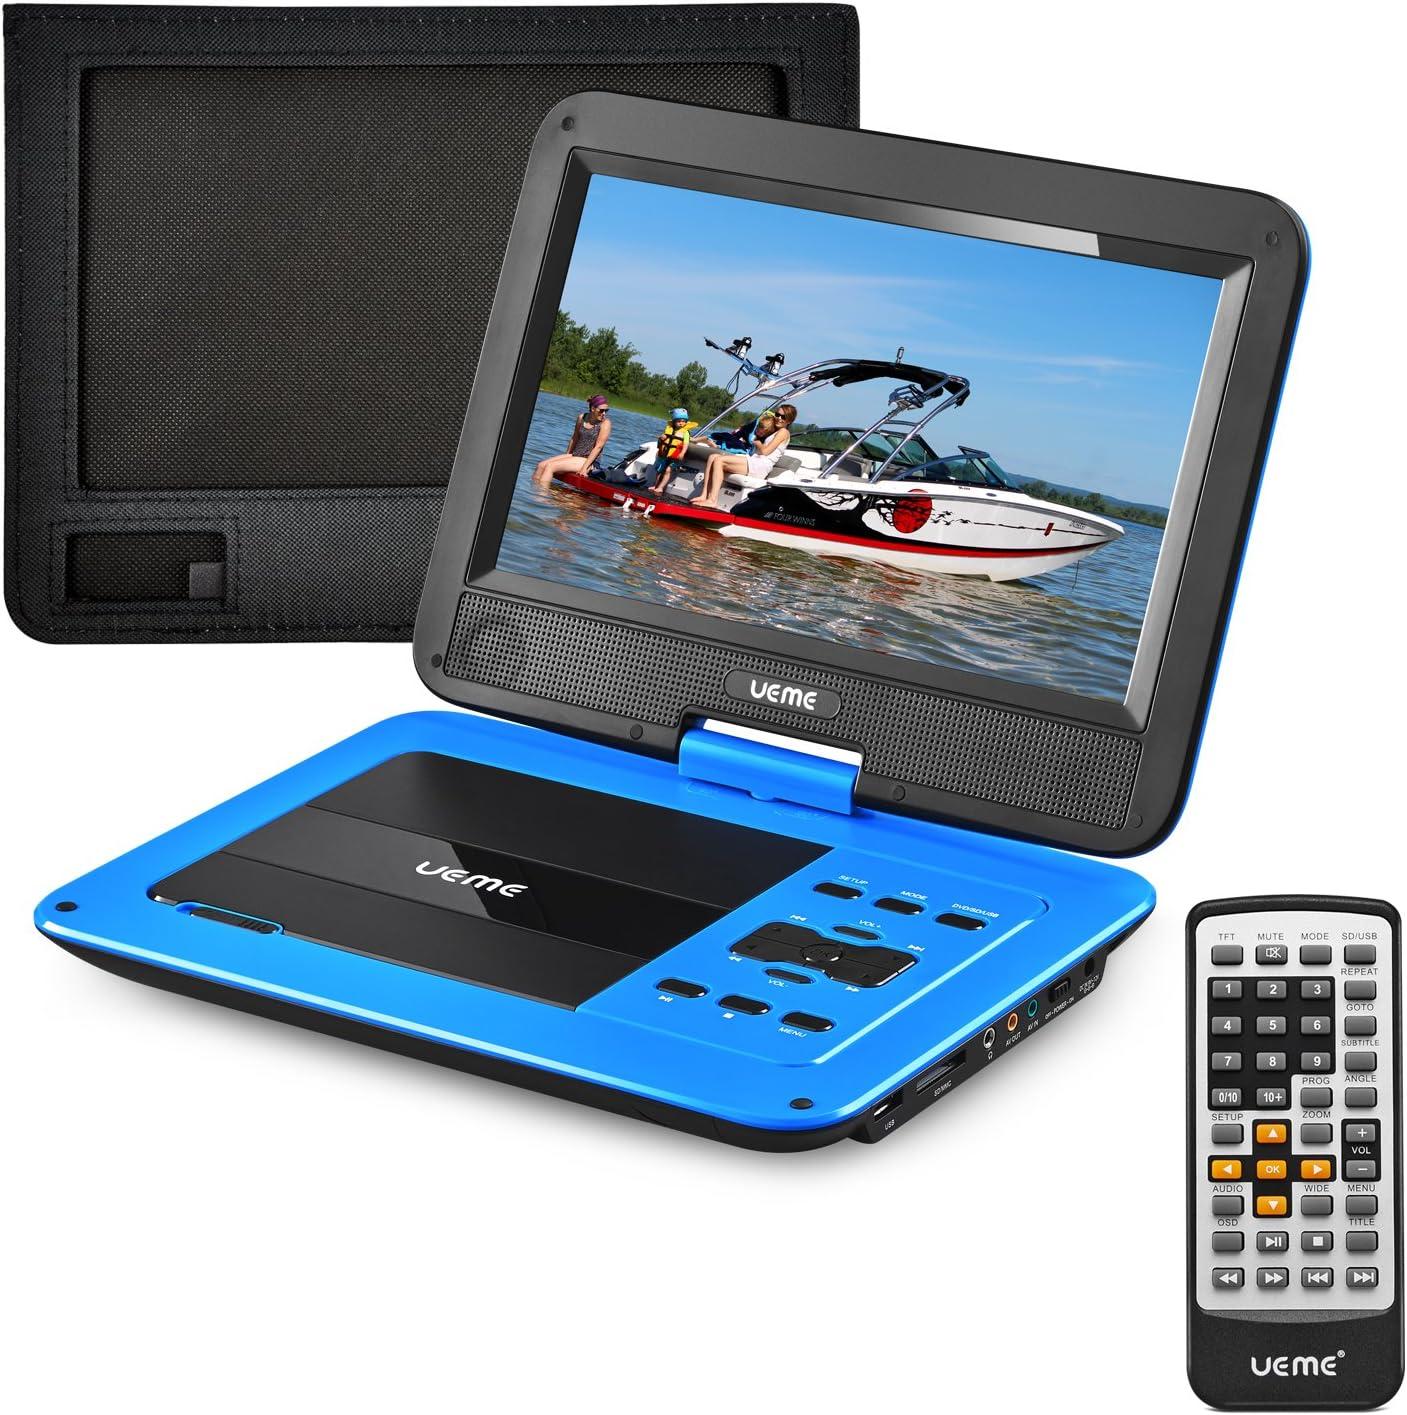 Amazon.com: UEME - Reproductor de DVD portátil con pantalla ...